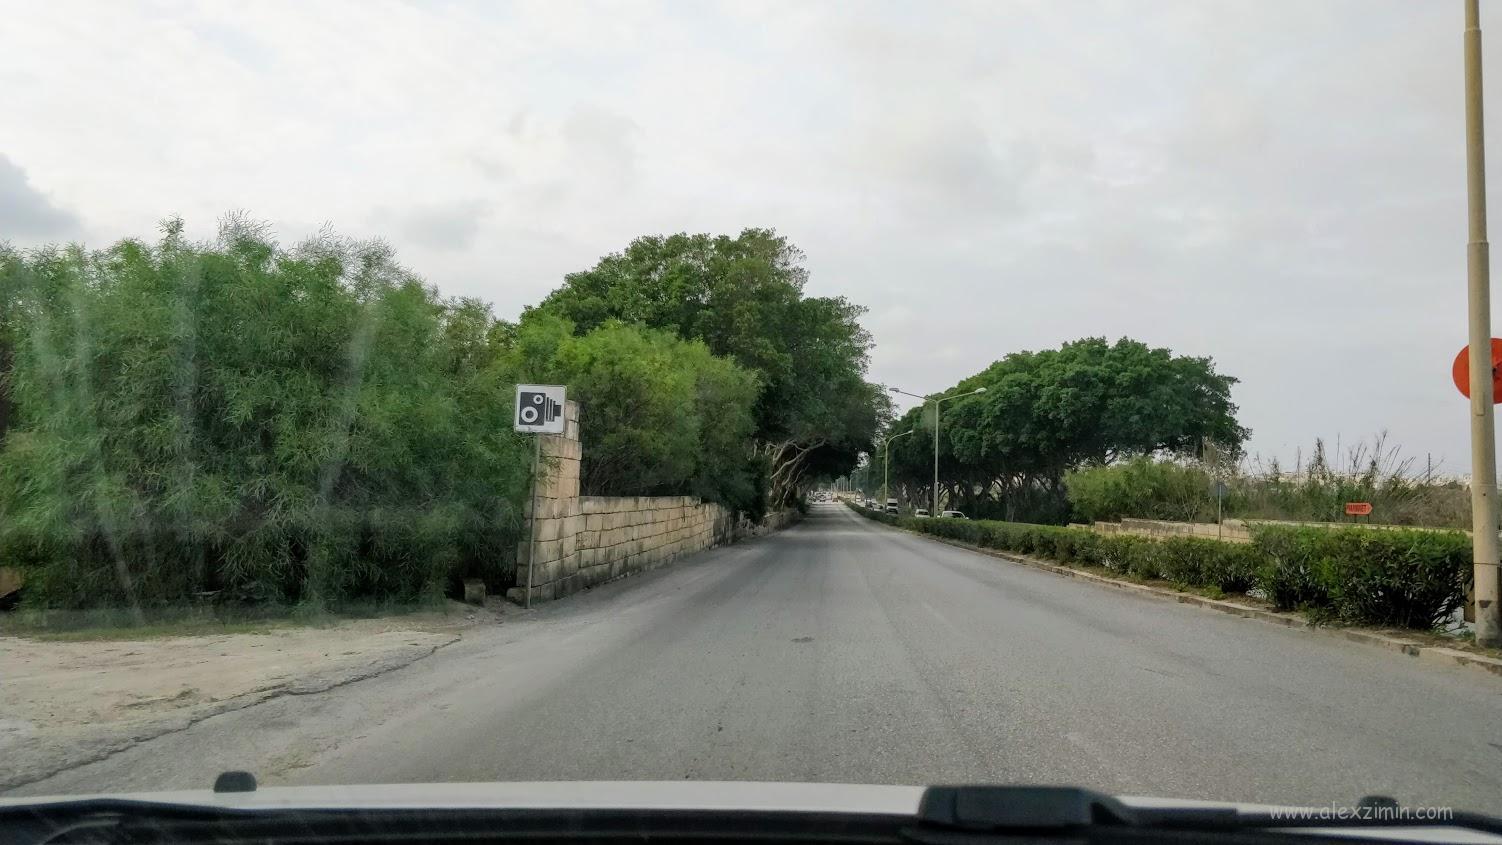 Знак предупреждающий о видеофиксации превышения скорости на Мальте